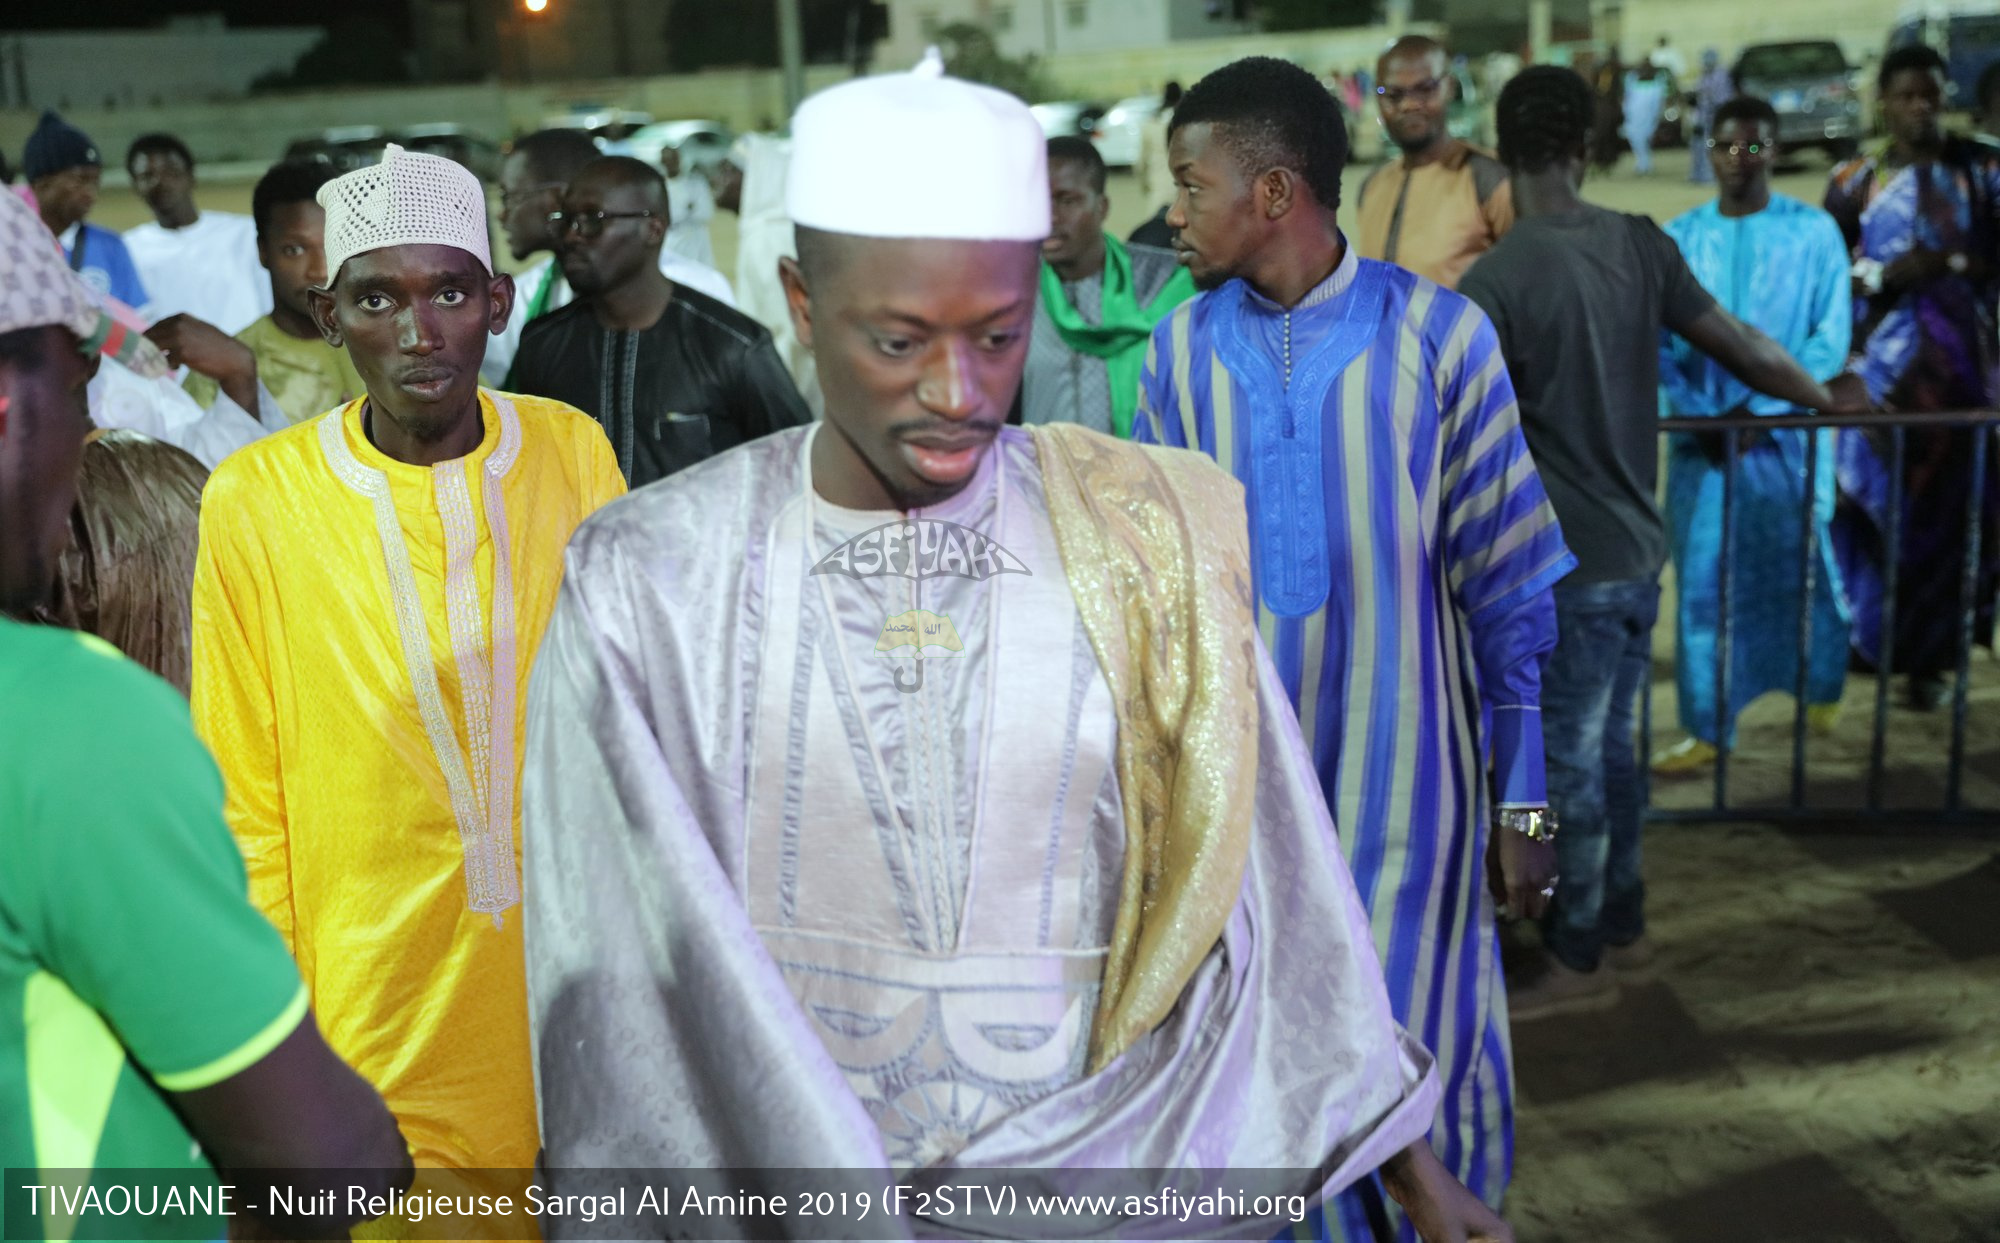 PHOTOS - TIVAOUANE - Les images de la Nuit Religieuse Sargal Al Amine 2019 organisée par le F2STV